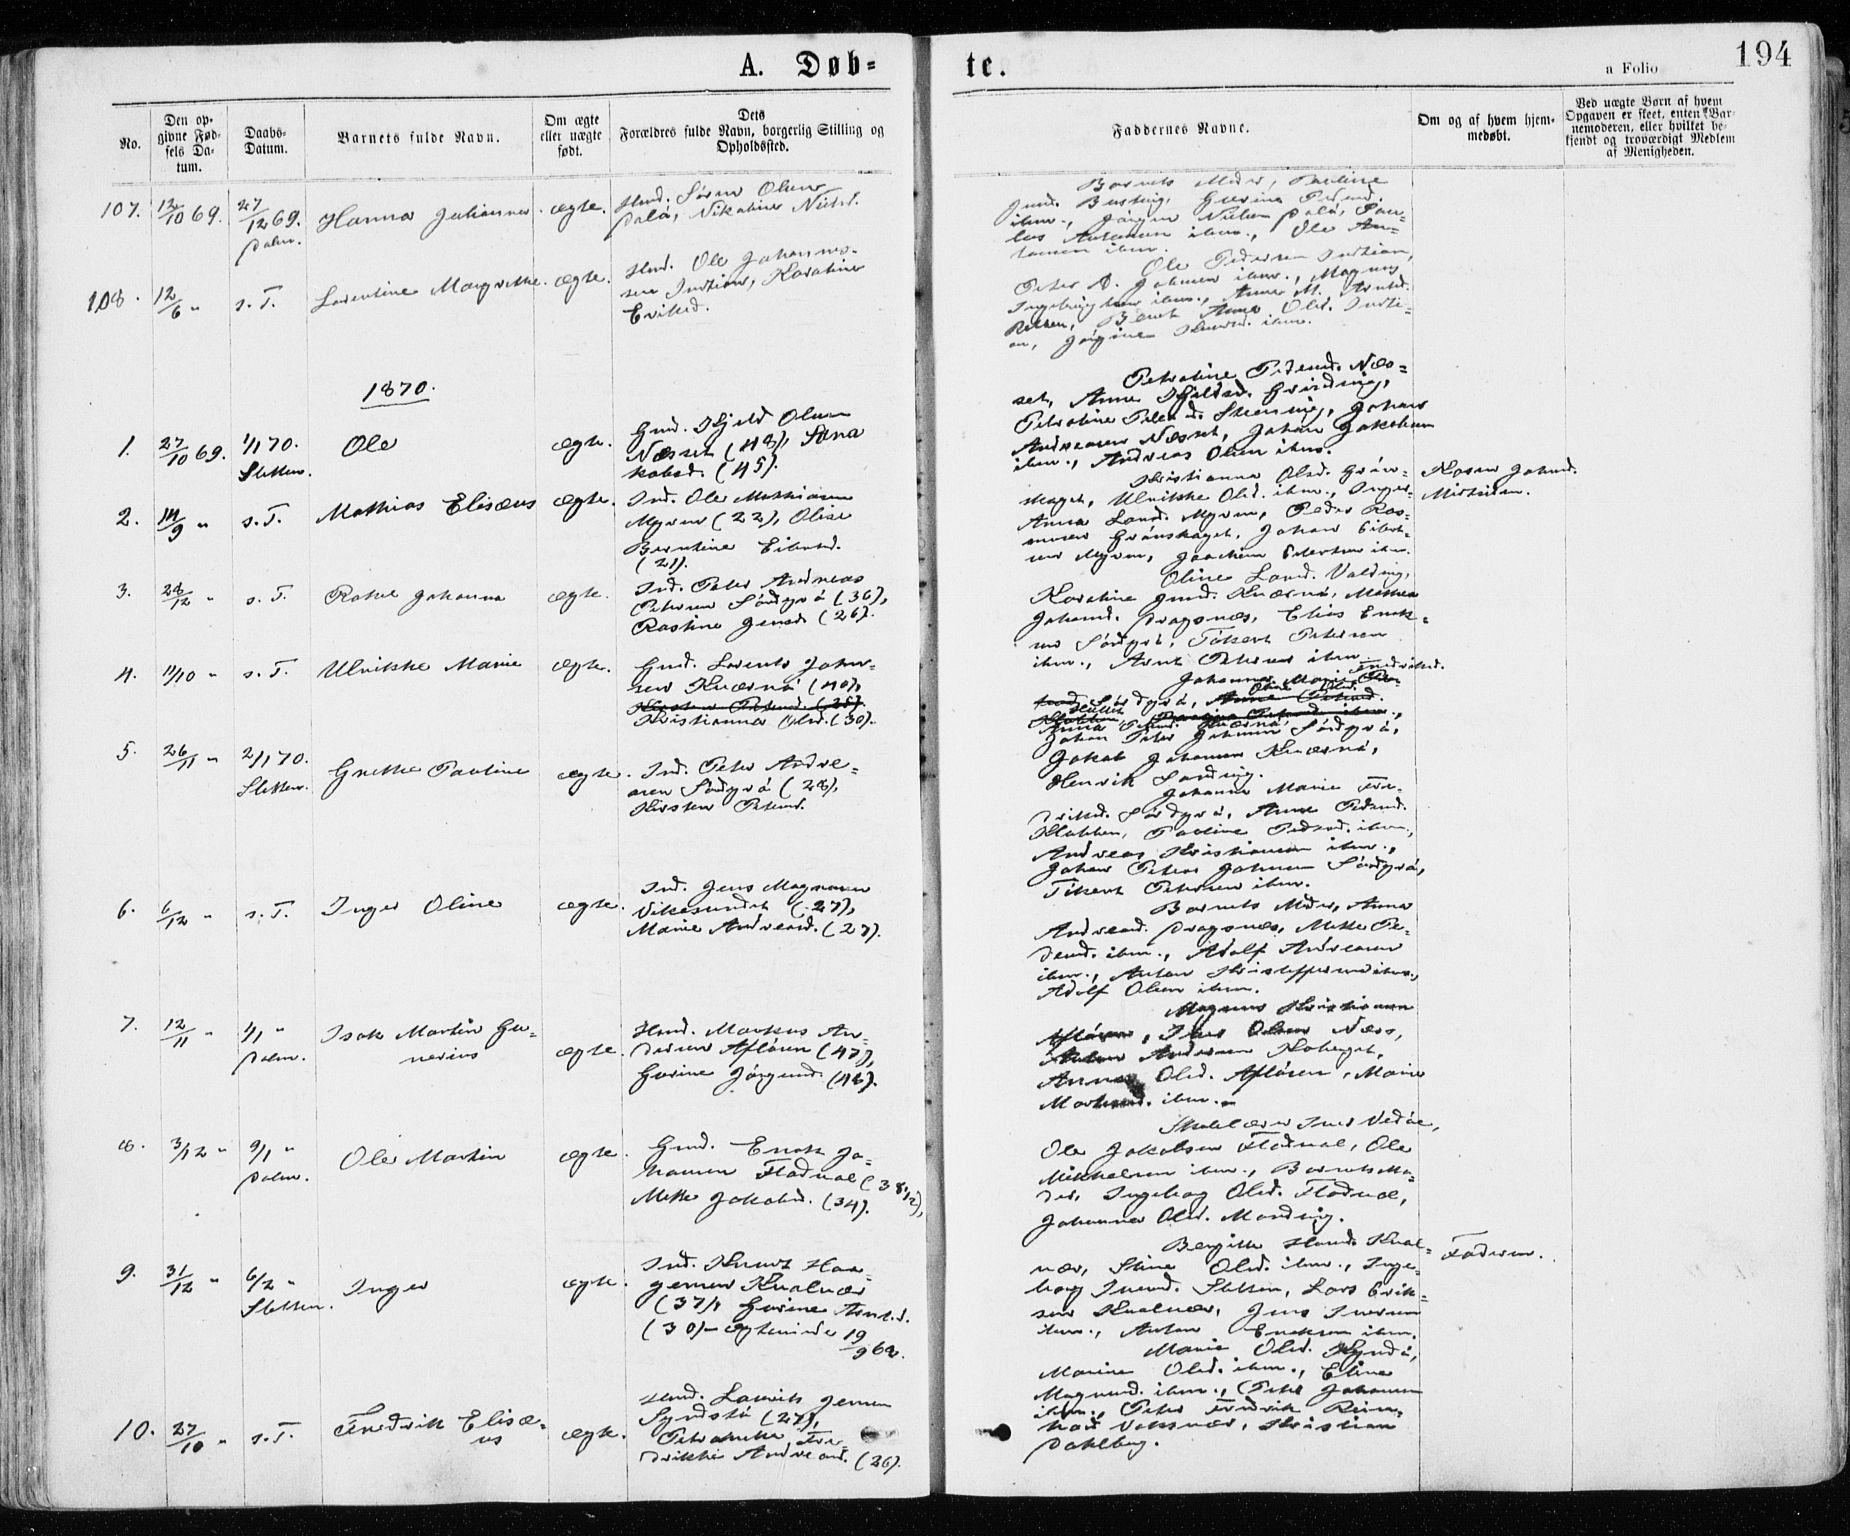 SAT, Ministerialprotokoller, klokkerbøker og fødselsregistre - Sør-Trøndelag, 640/L0576: Ministerialbok nr. 640A01, 1846-1876, s. 194